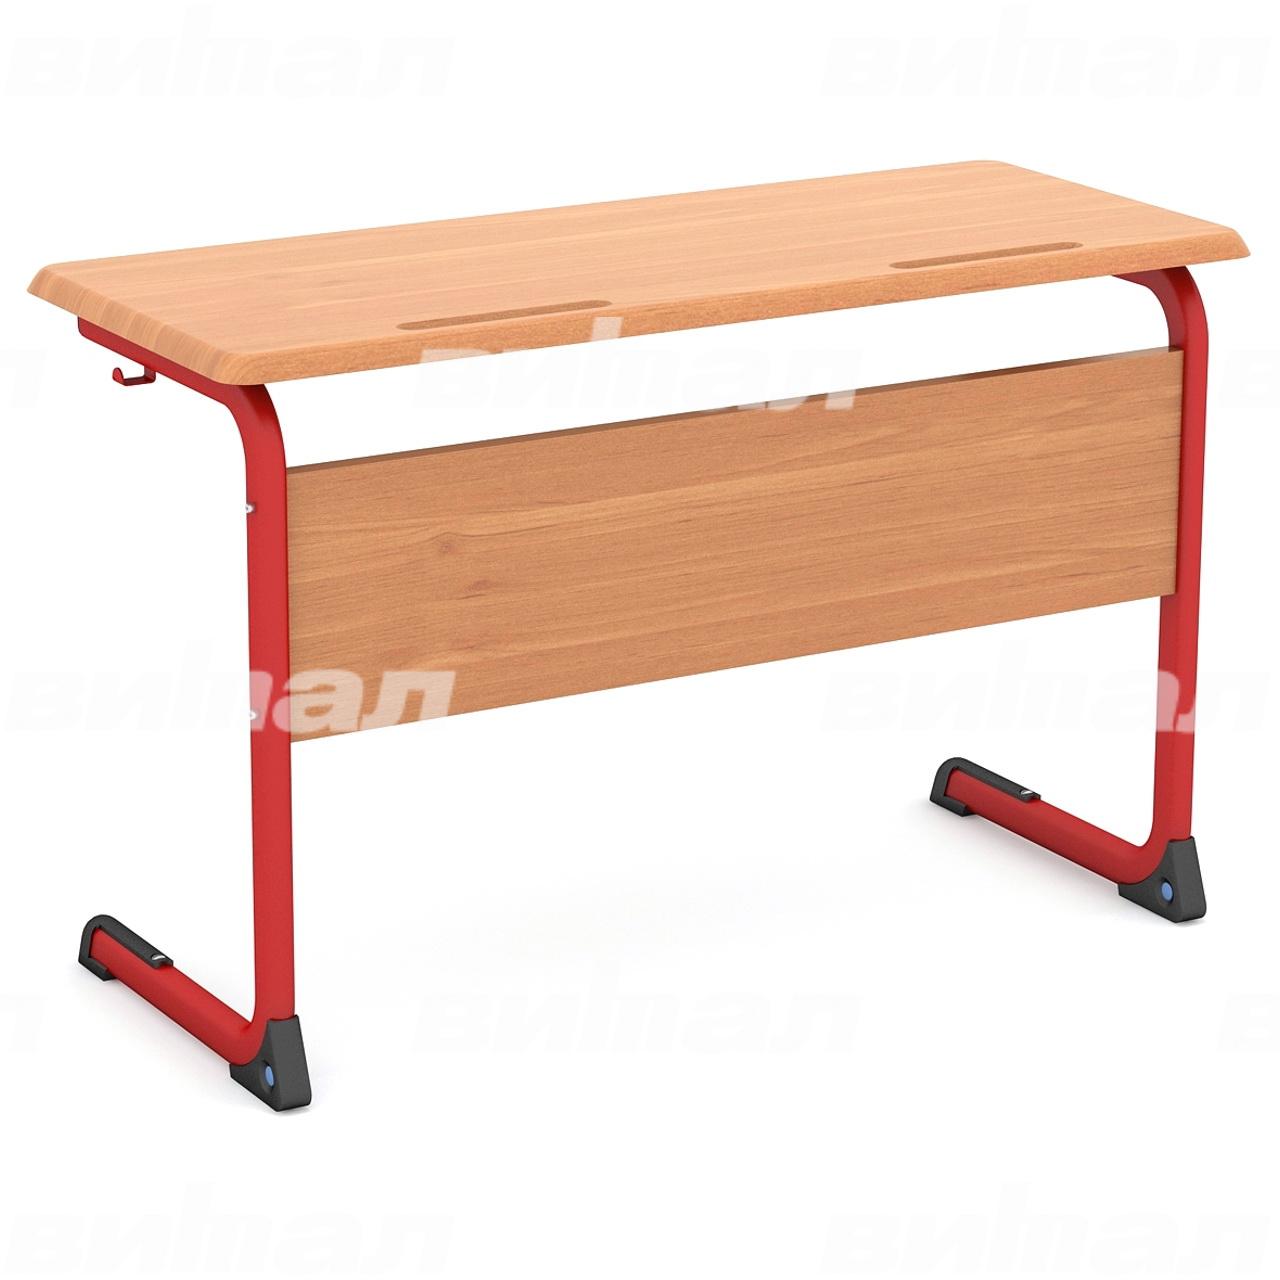 Стол ученический 2-местный нерегулируемый (гр. 3, 4, 5 или 6) МДФ красный Бук 4 МДФ плоскоовальная